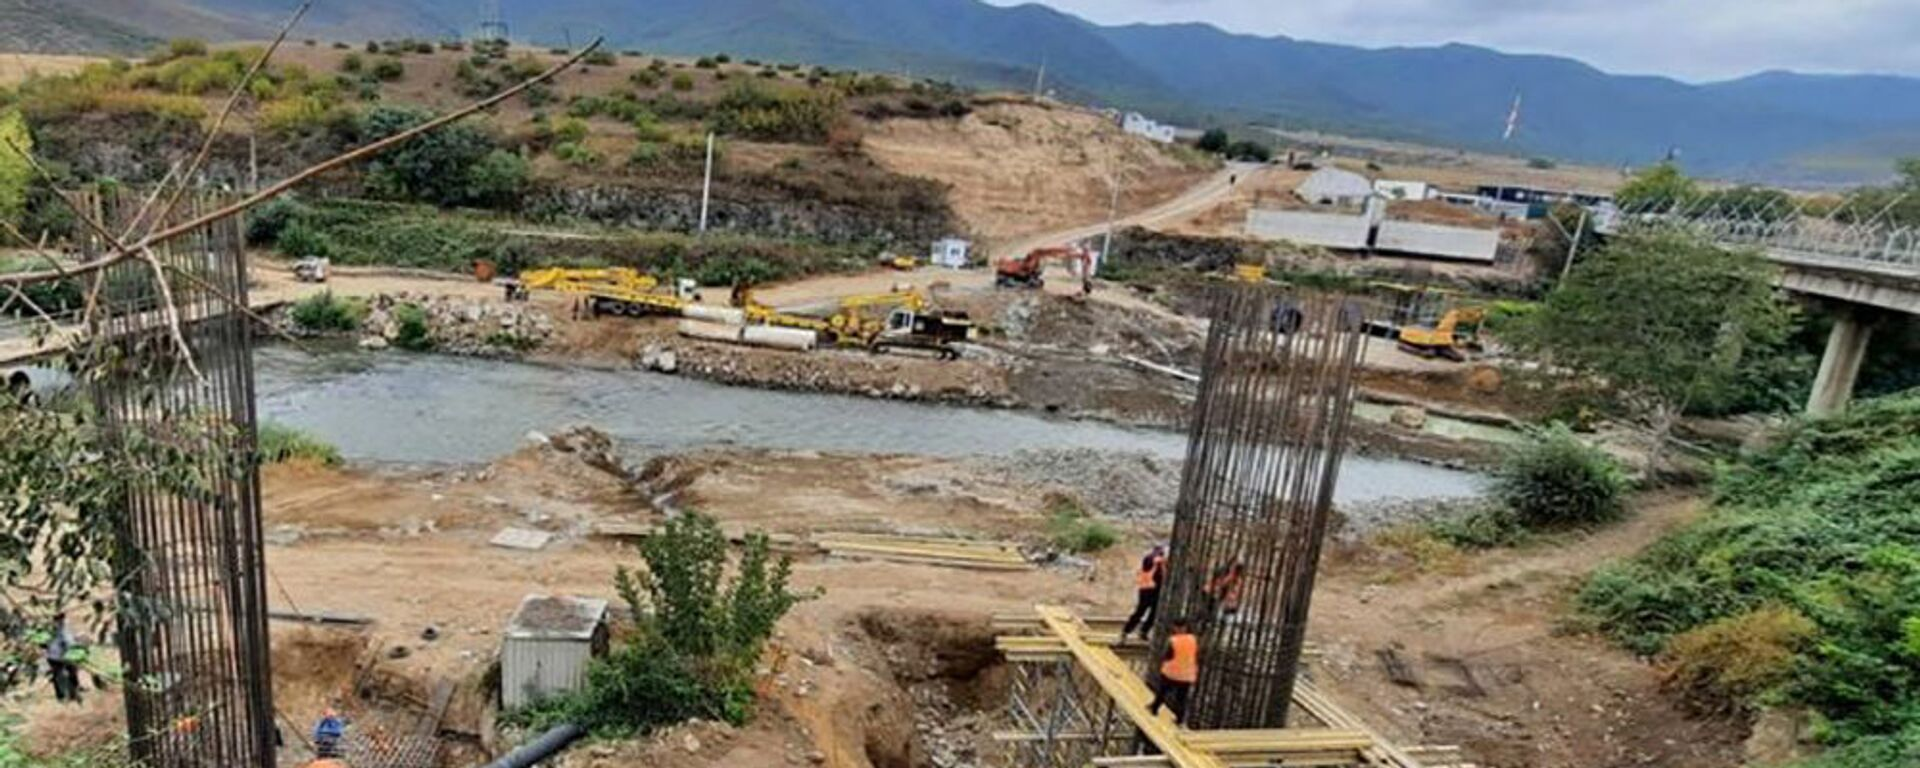 Строительство нового моста через реку Дебед в районе пункта пропуска Садахло-Баграташен государственной границы между Арменией и Грузией - Sputnik Армения, 1920, 10.09.2021